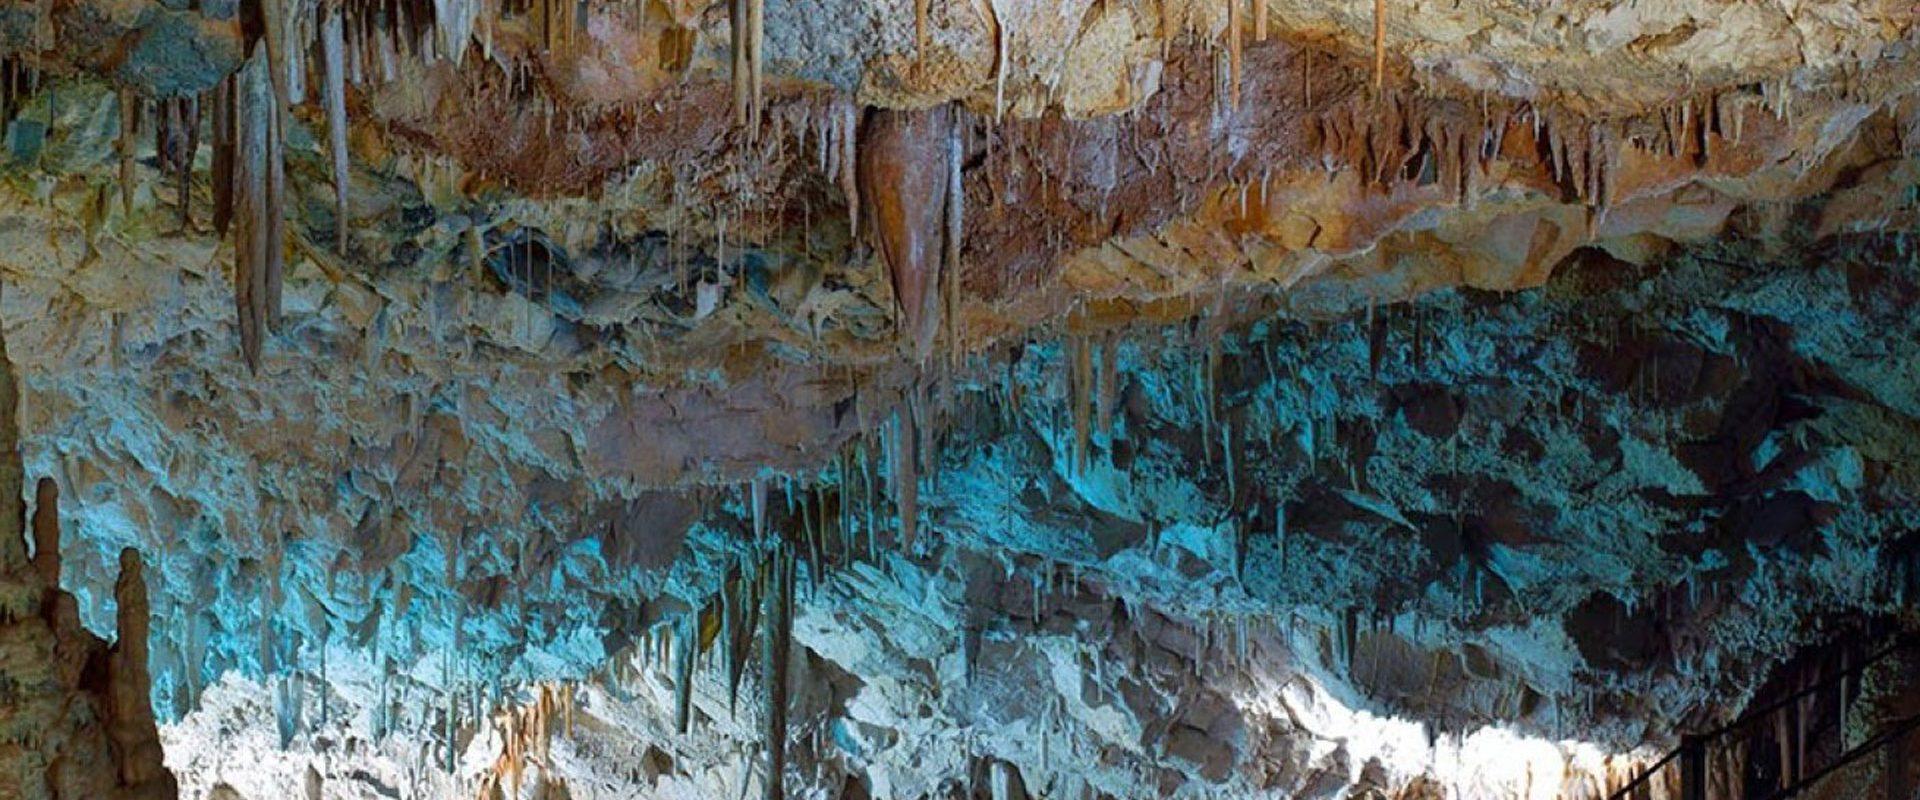 Σπήλαιο των Πετραλώνων